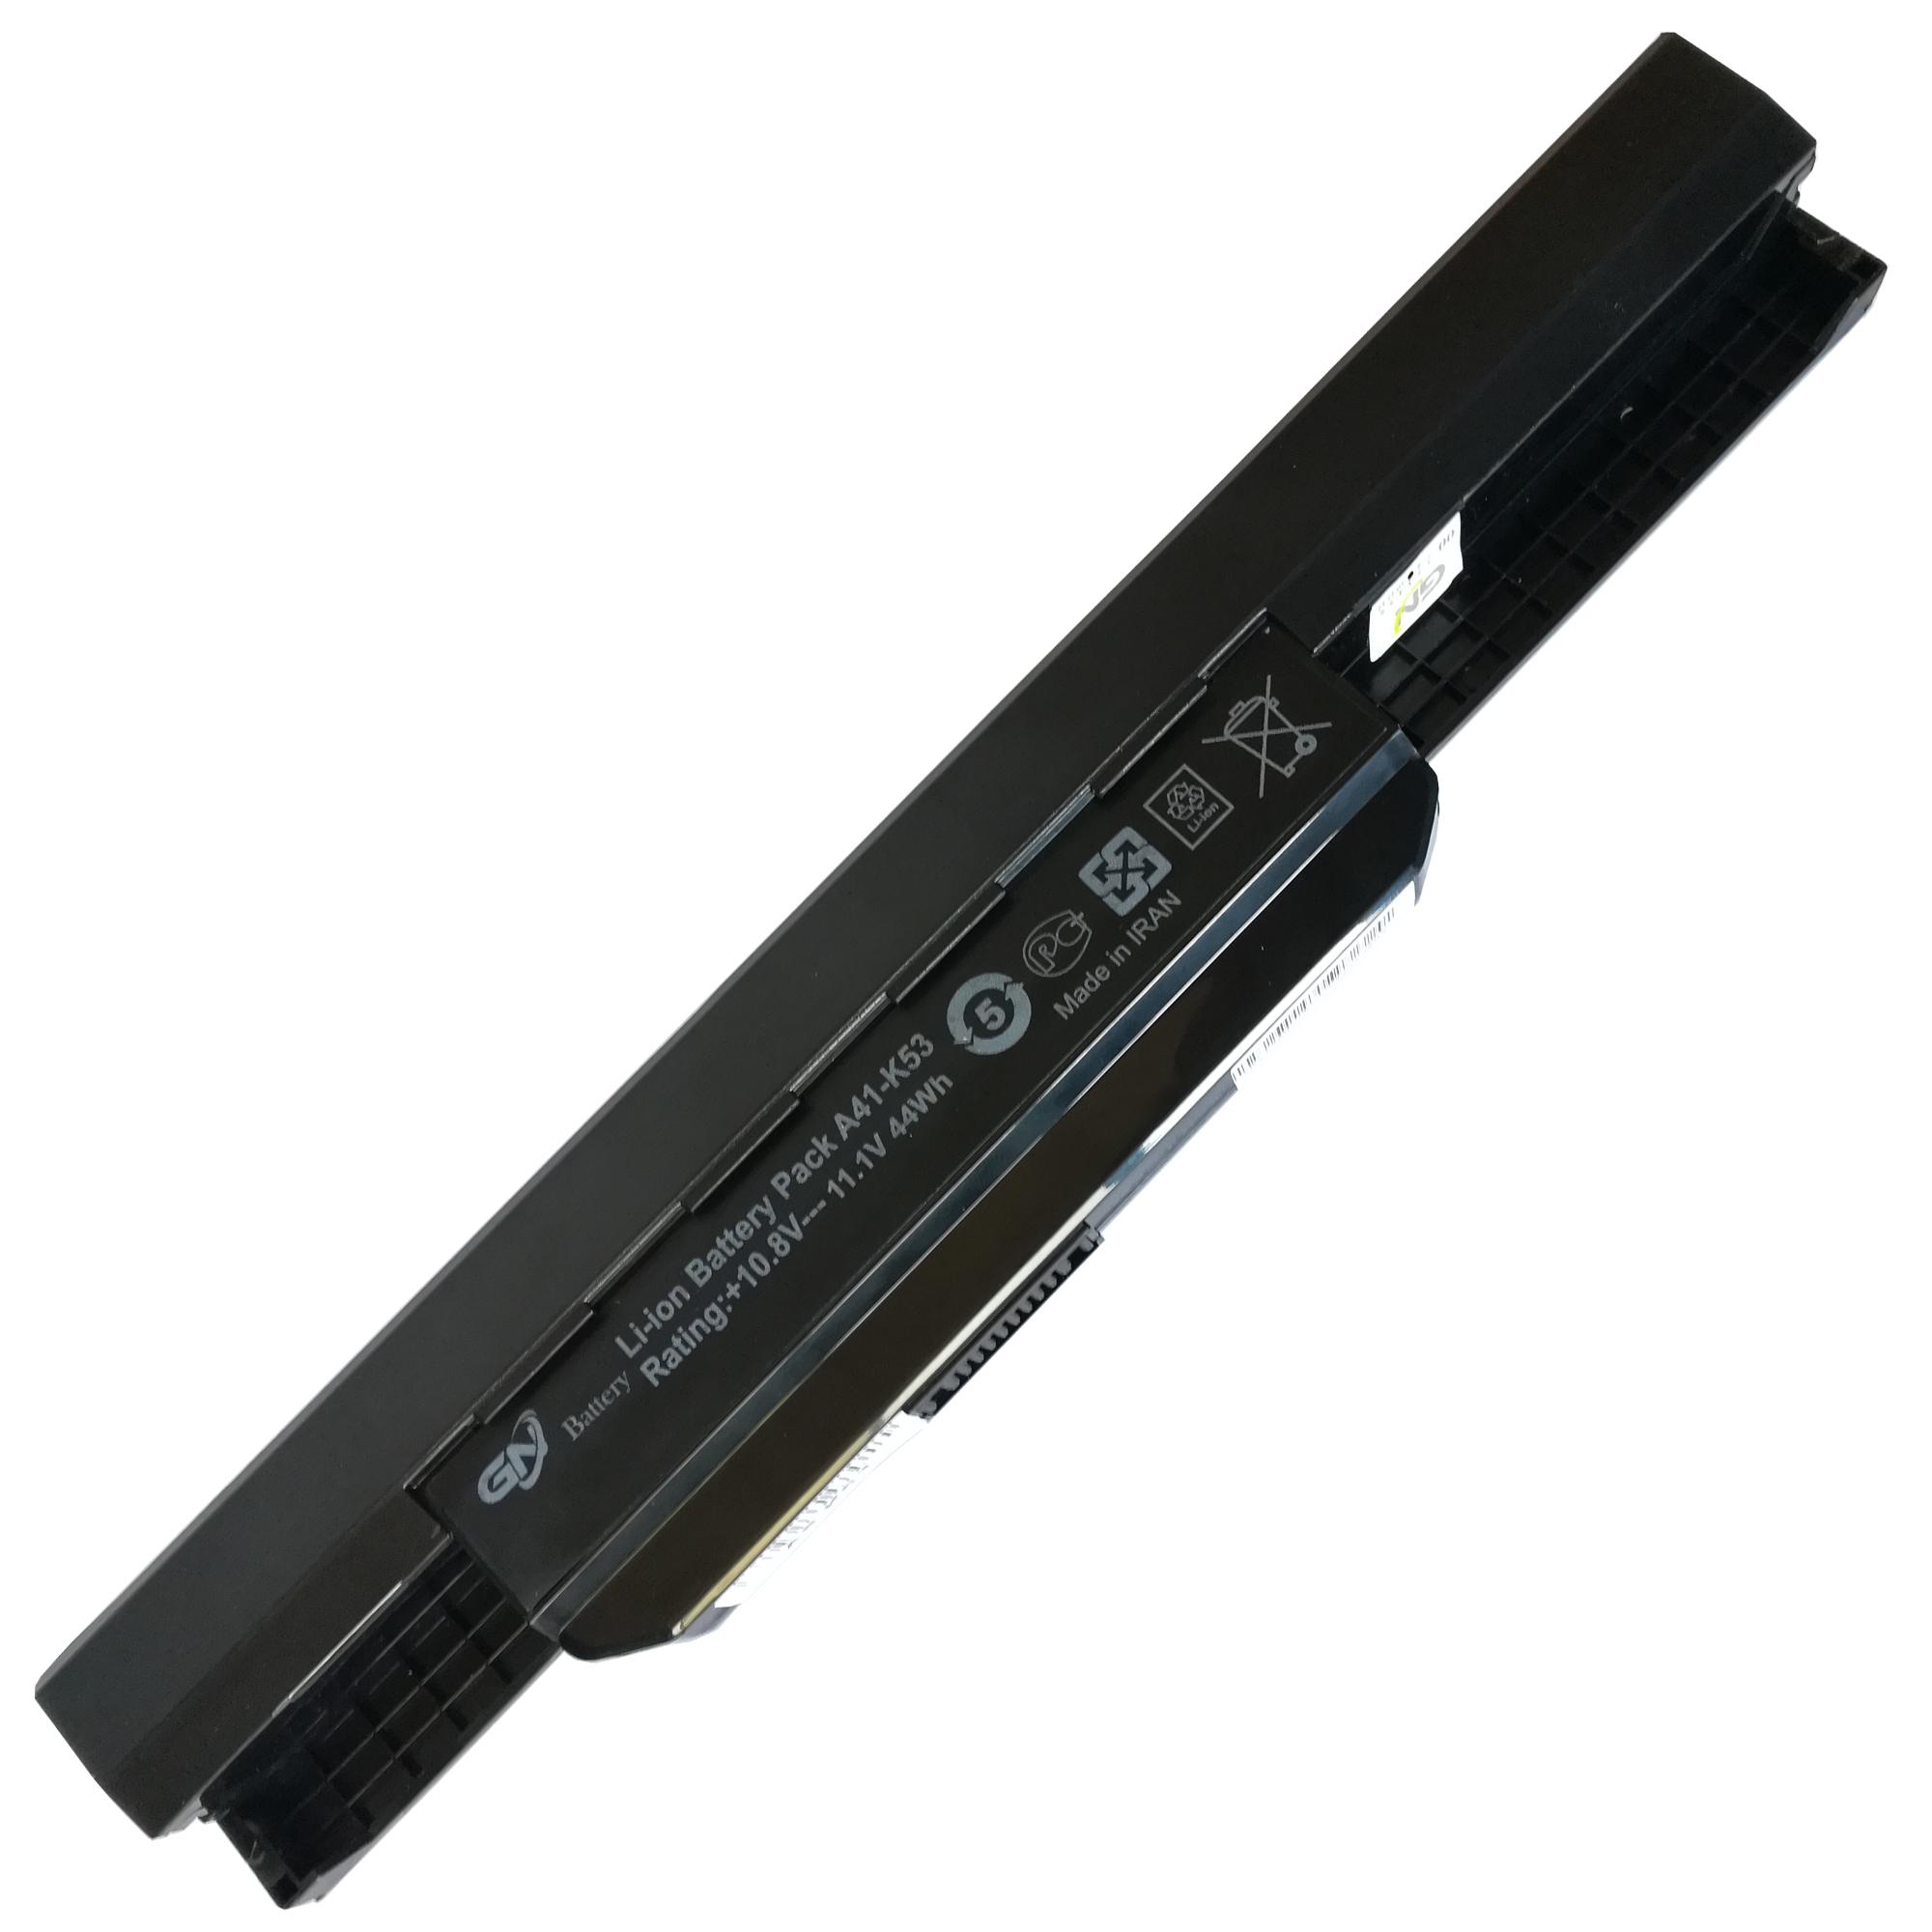 باتری لپ تاپ 6 سلولی جی ان مدل A41-K53 مناسب برای لپ تاپ ایسوس K53/K54/K43/A53/A43